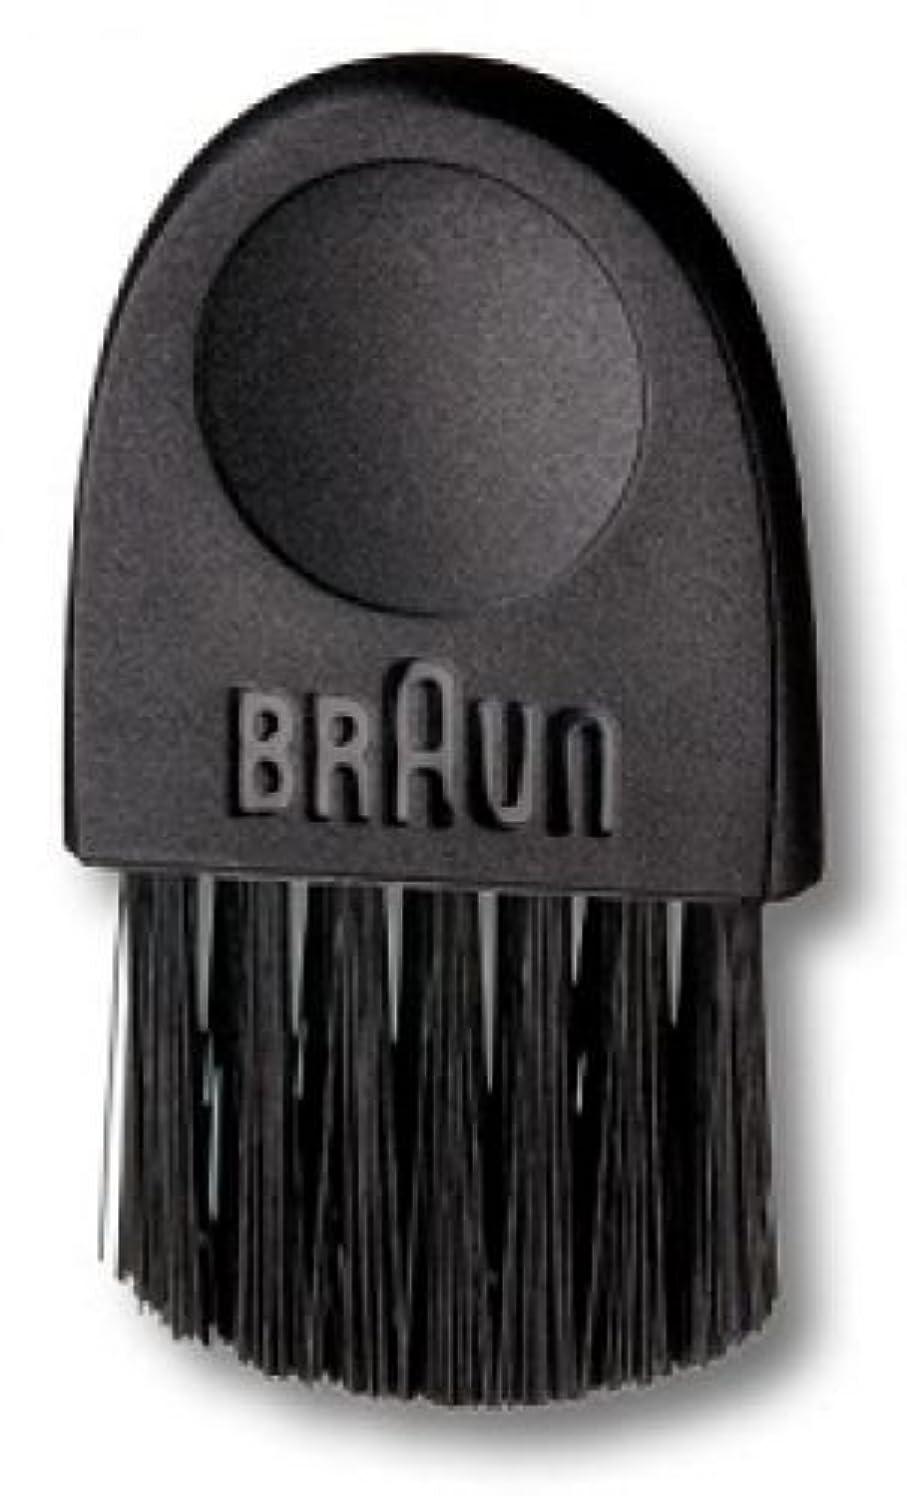 威信出席配置BRAUN ブラウン 67030939 メンズシェーバー用ユニバーサル清掃ブラシ